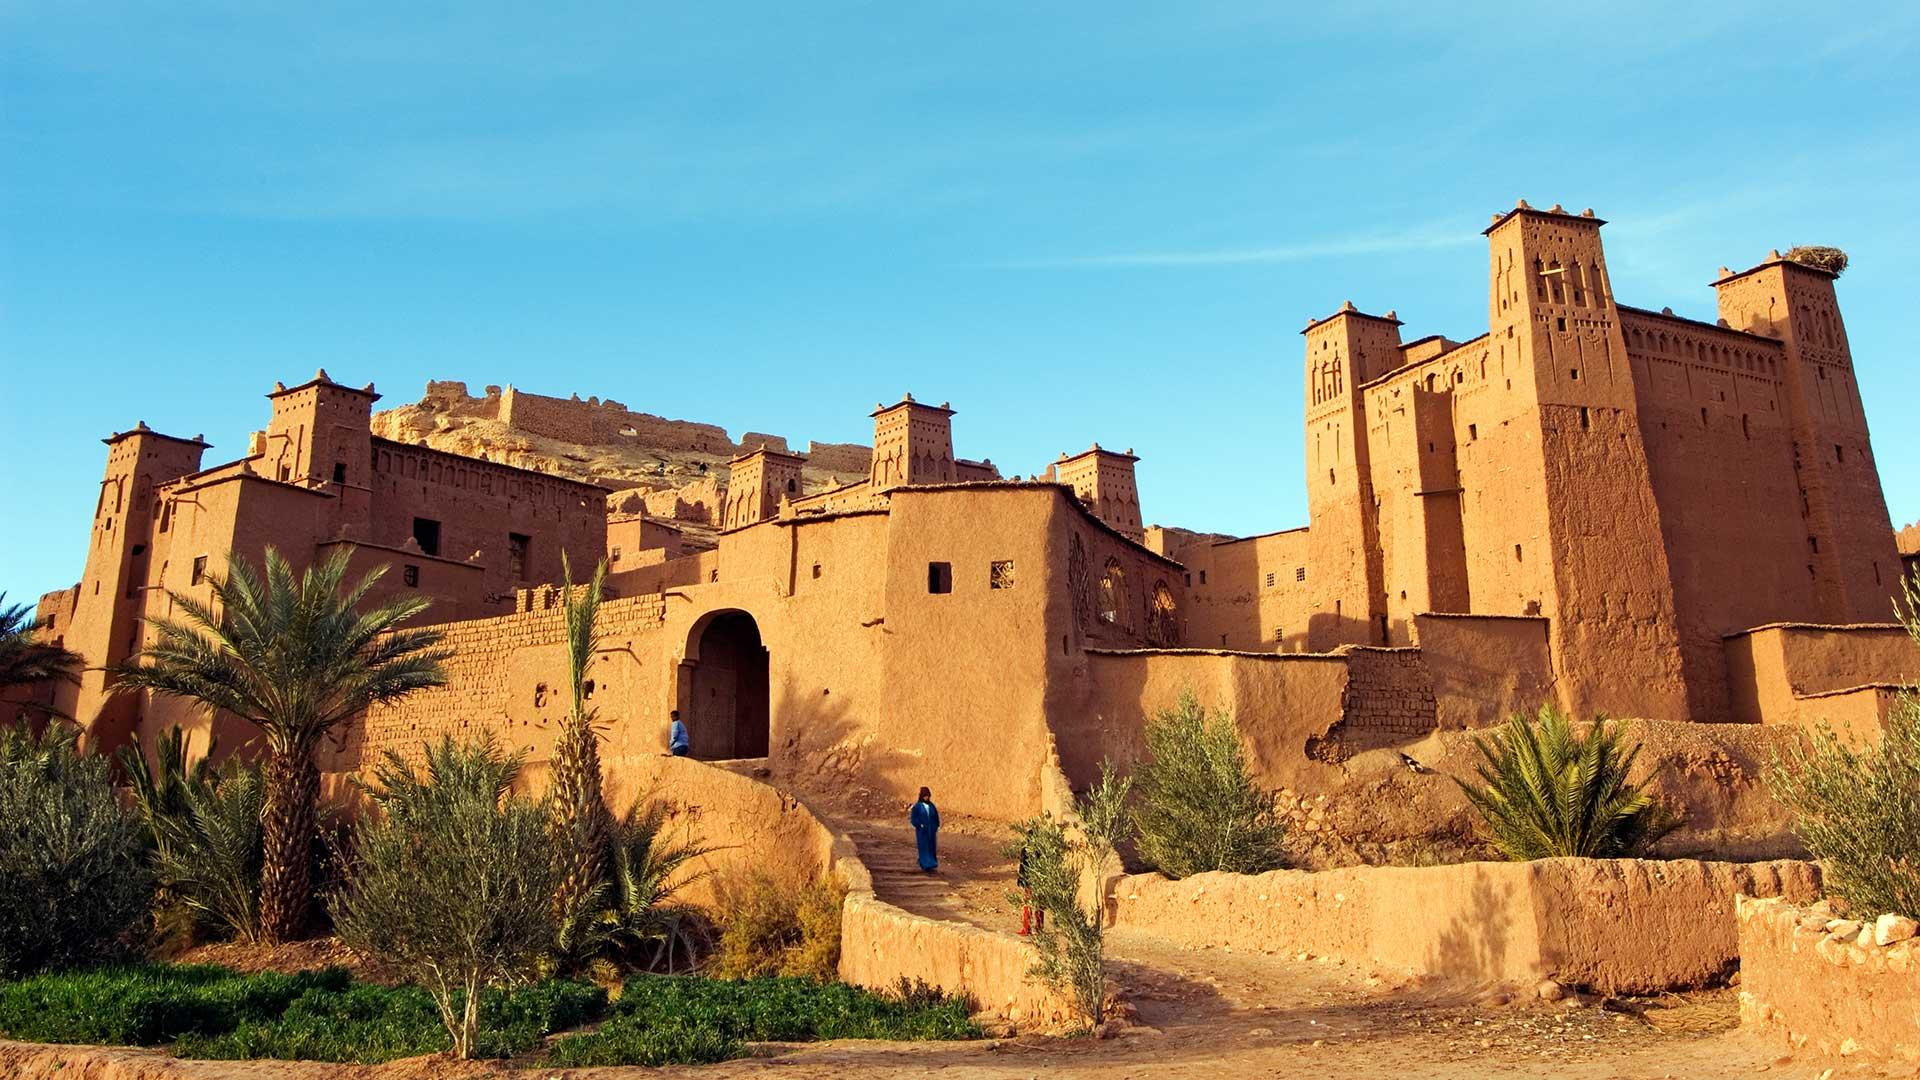 Kasbah near Ouarzazate